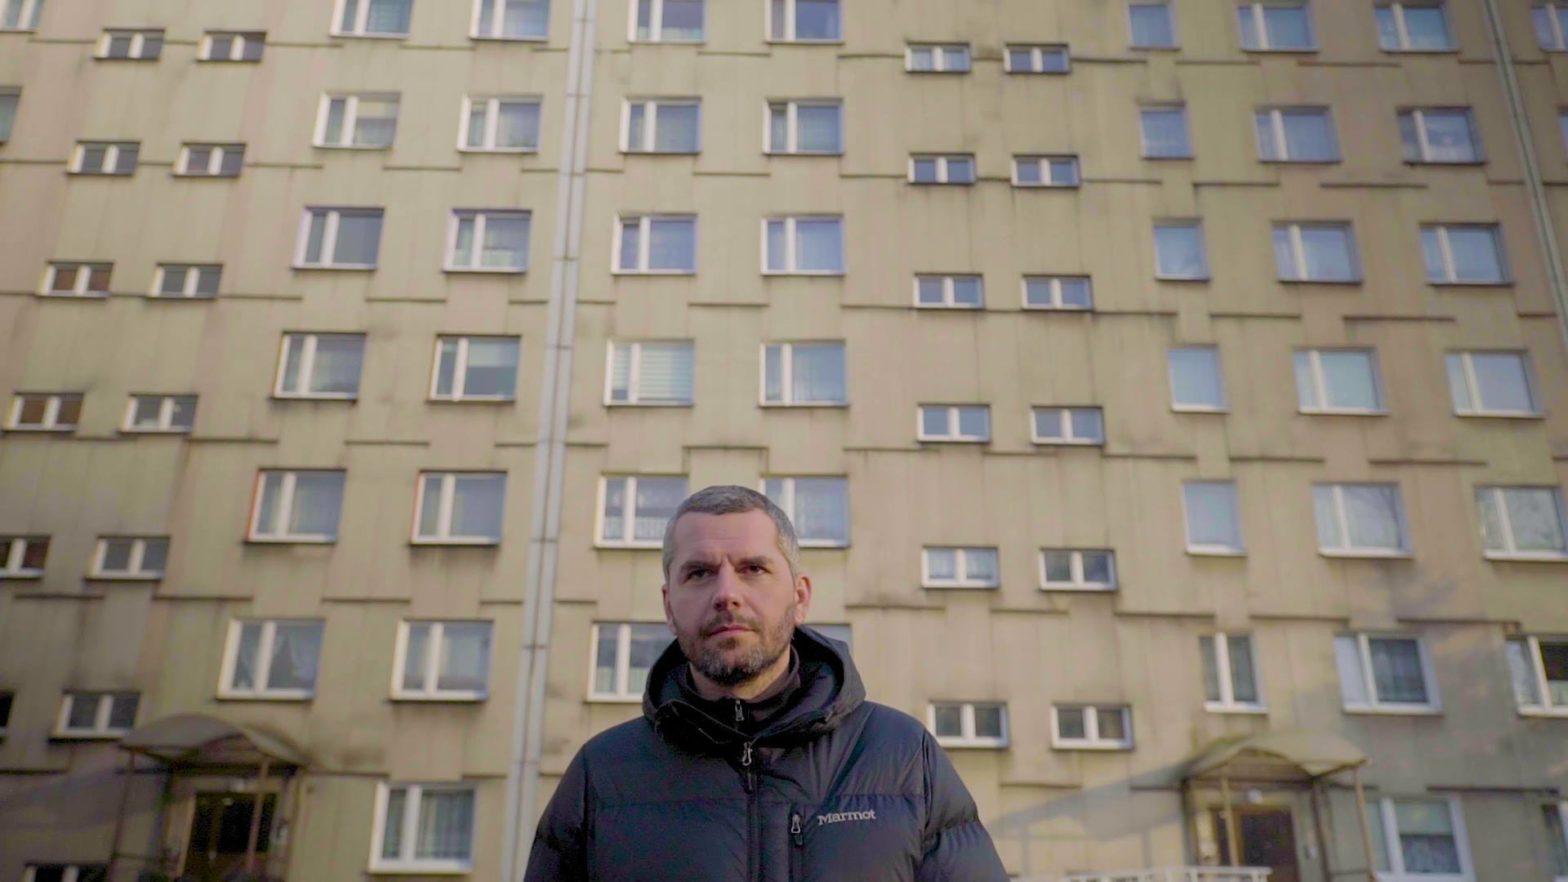 Obejrzyj Maciej Konieczny do Parlamentu Europejskiego – jedynka #LewicaRazem w woj. śląskim